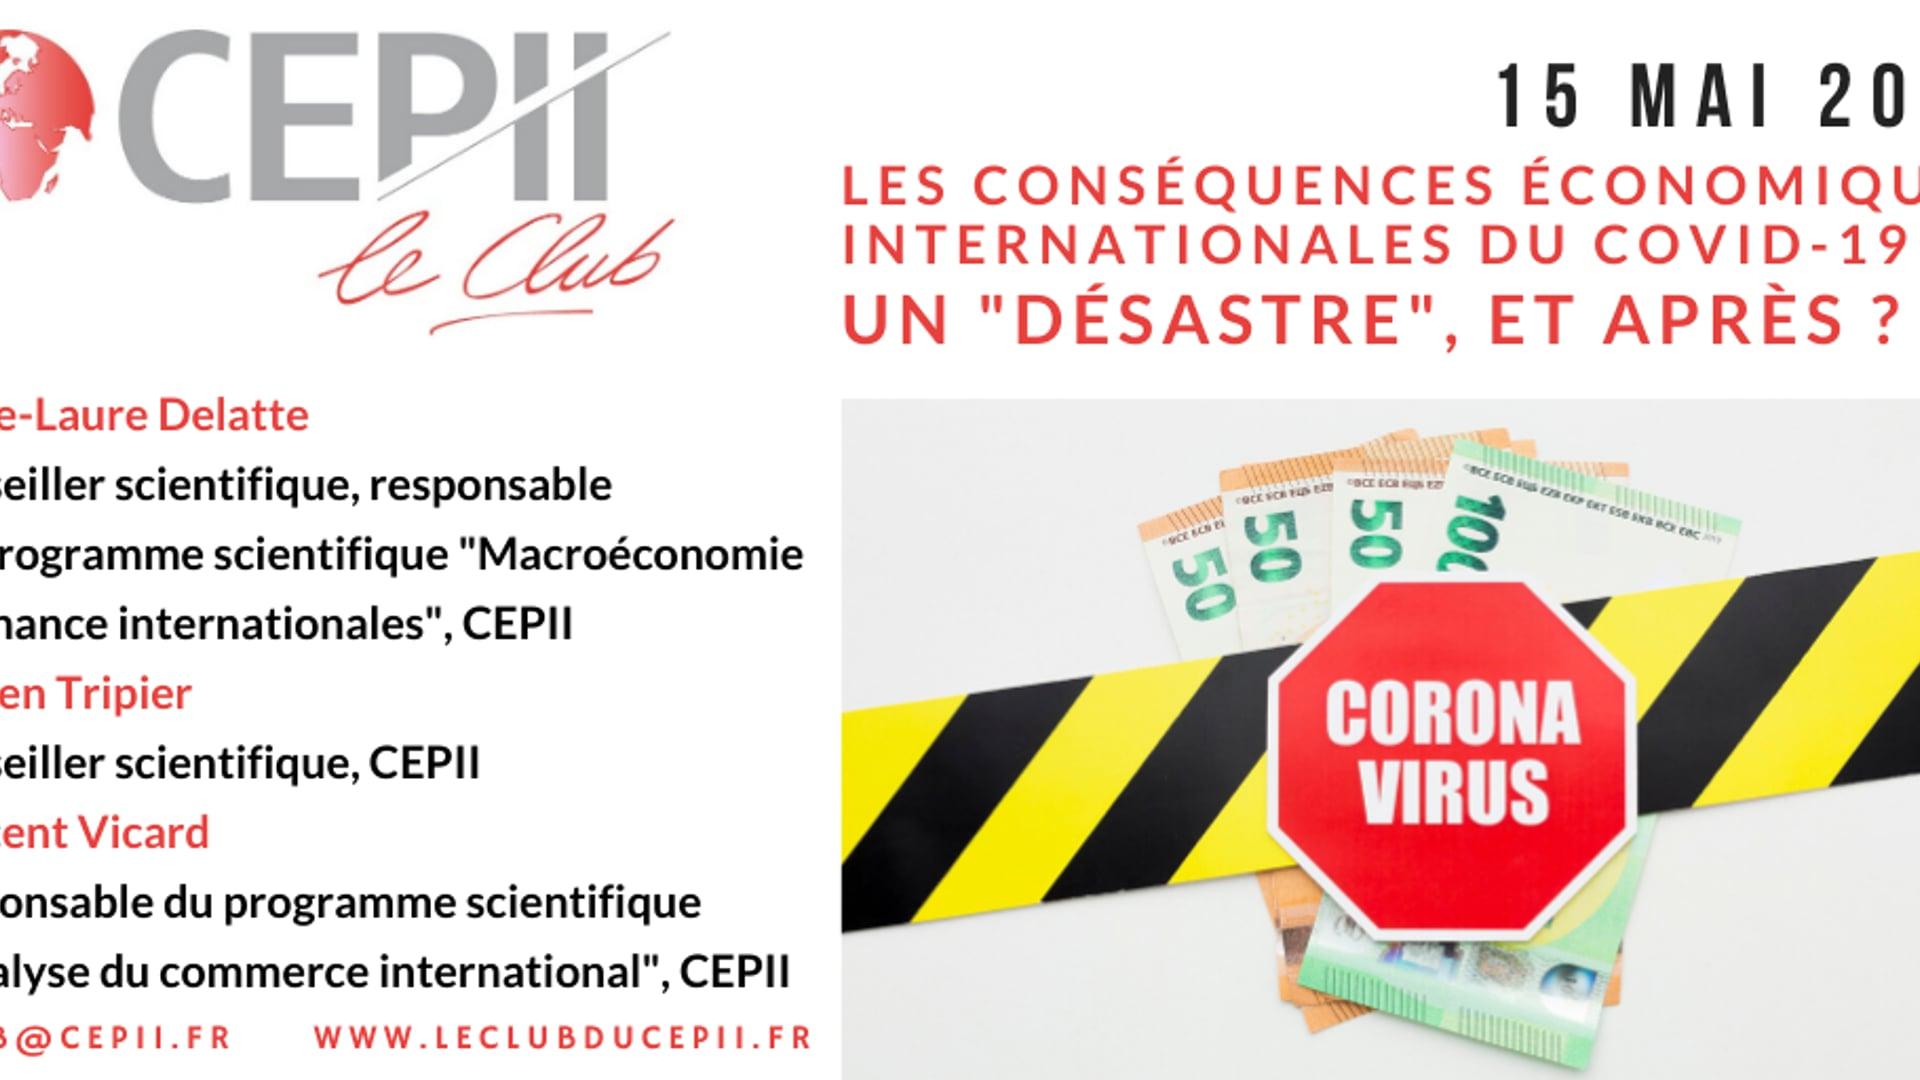 """Les conséquences économiques internationales du Covid-19 : un """"désastre"""", et après ?"""